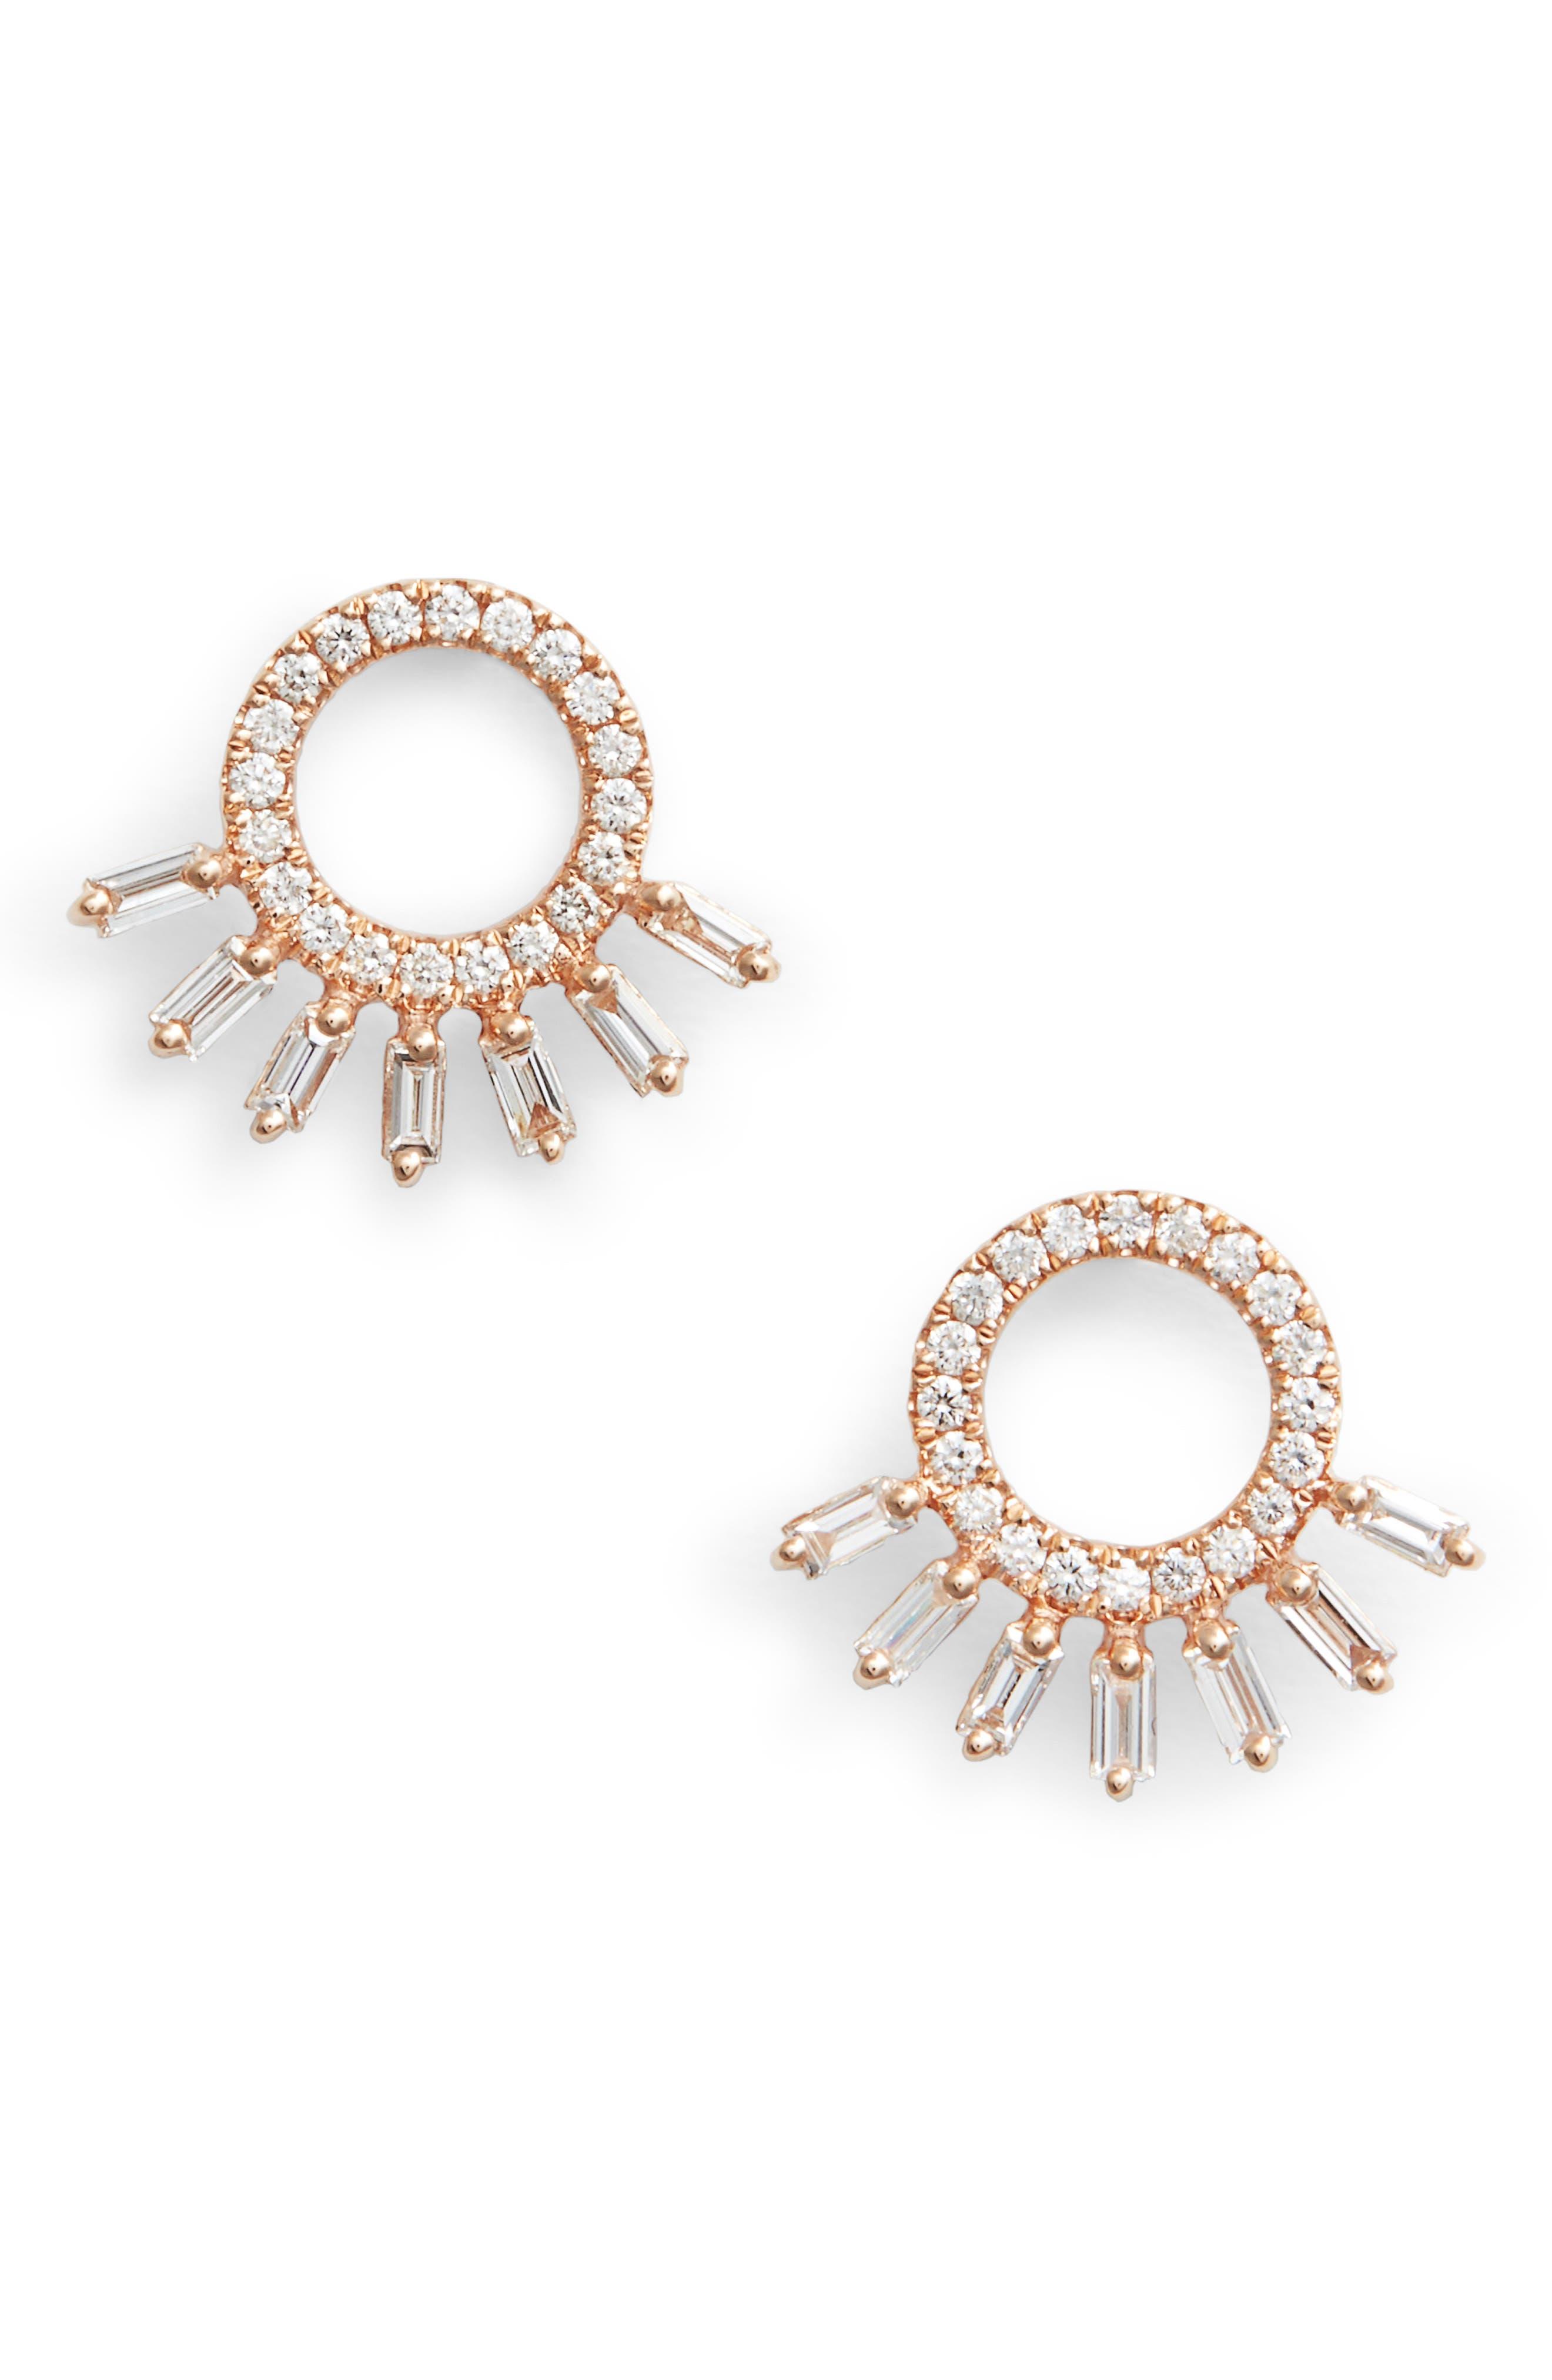 Dana Rebecca Sadie Starburst Stud Earrings,                             Main thumbnail 1, color,                             ROSE GOLD